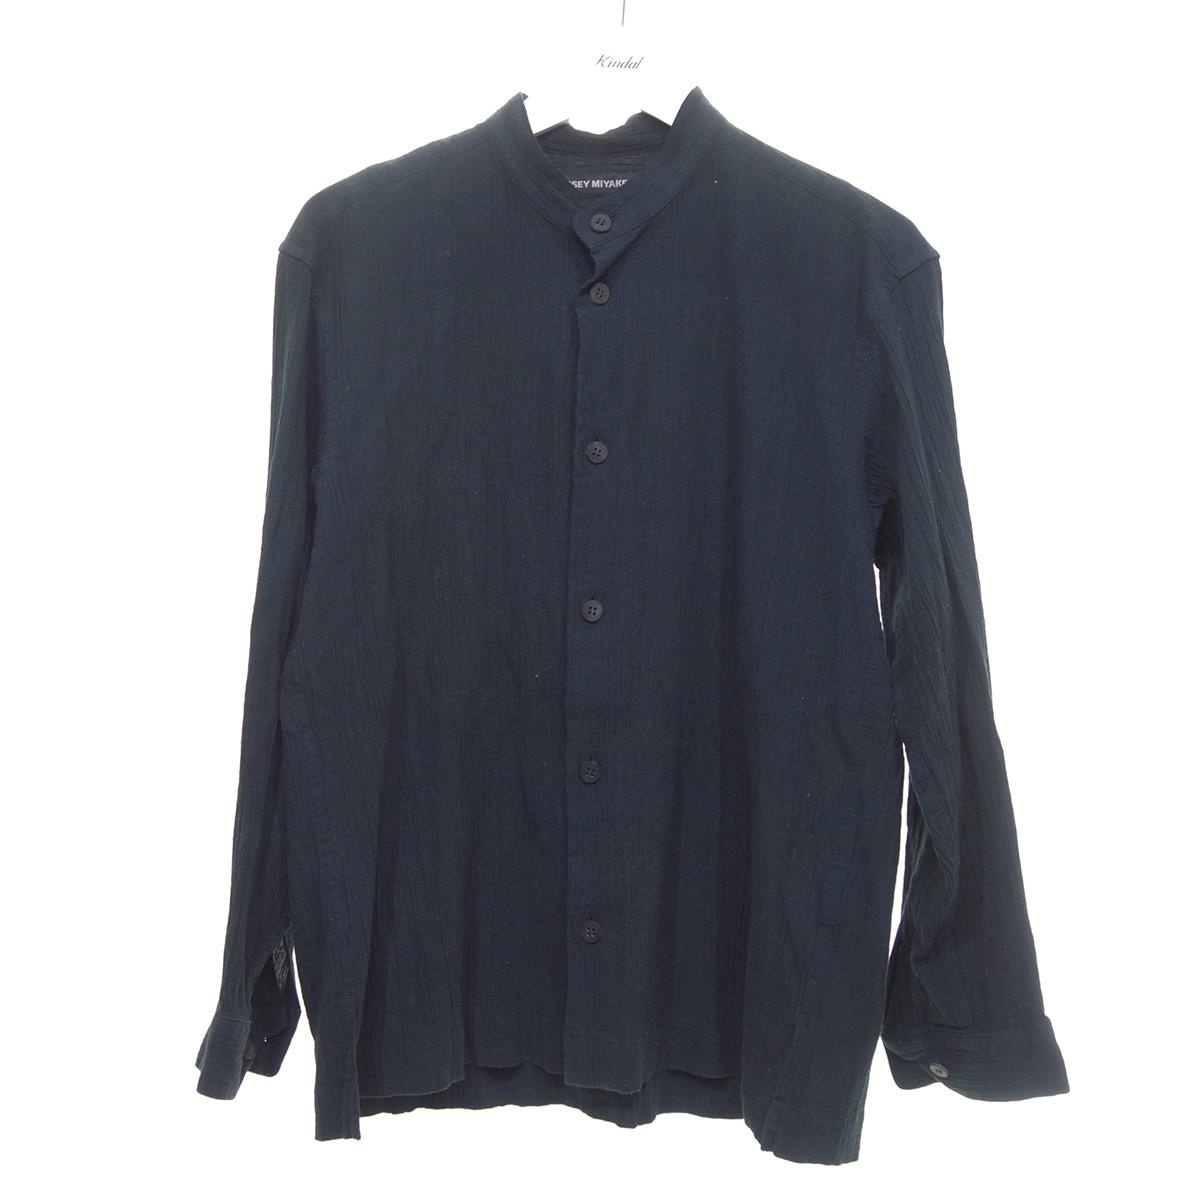 春夏新作モデル 【】ISSEY MIYAKE MEN 20SS DRIP SHIRT 長袖シャツ ブラック サイズ:1 【040820】(イッセイミヤケ), 【再入荷!】 92fe2d27